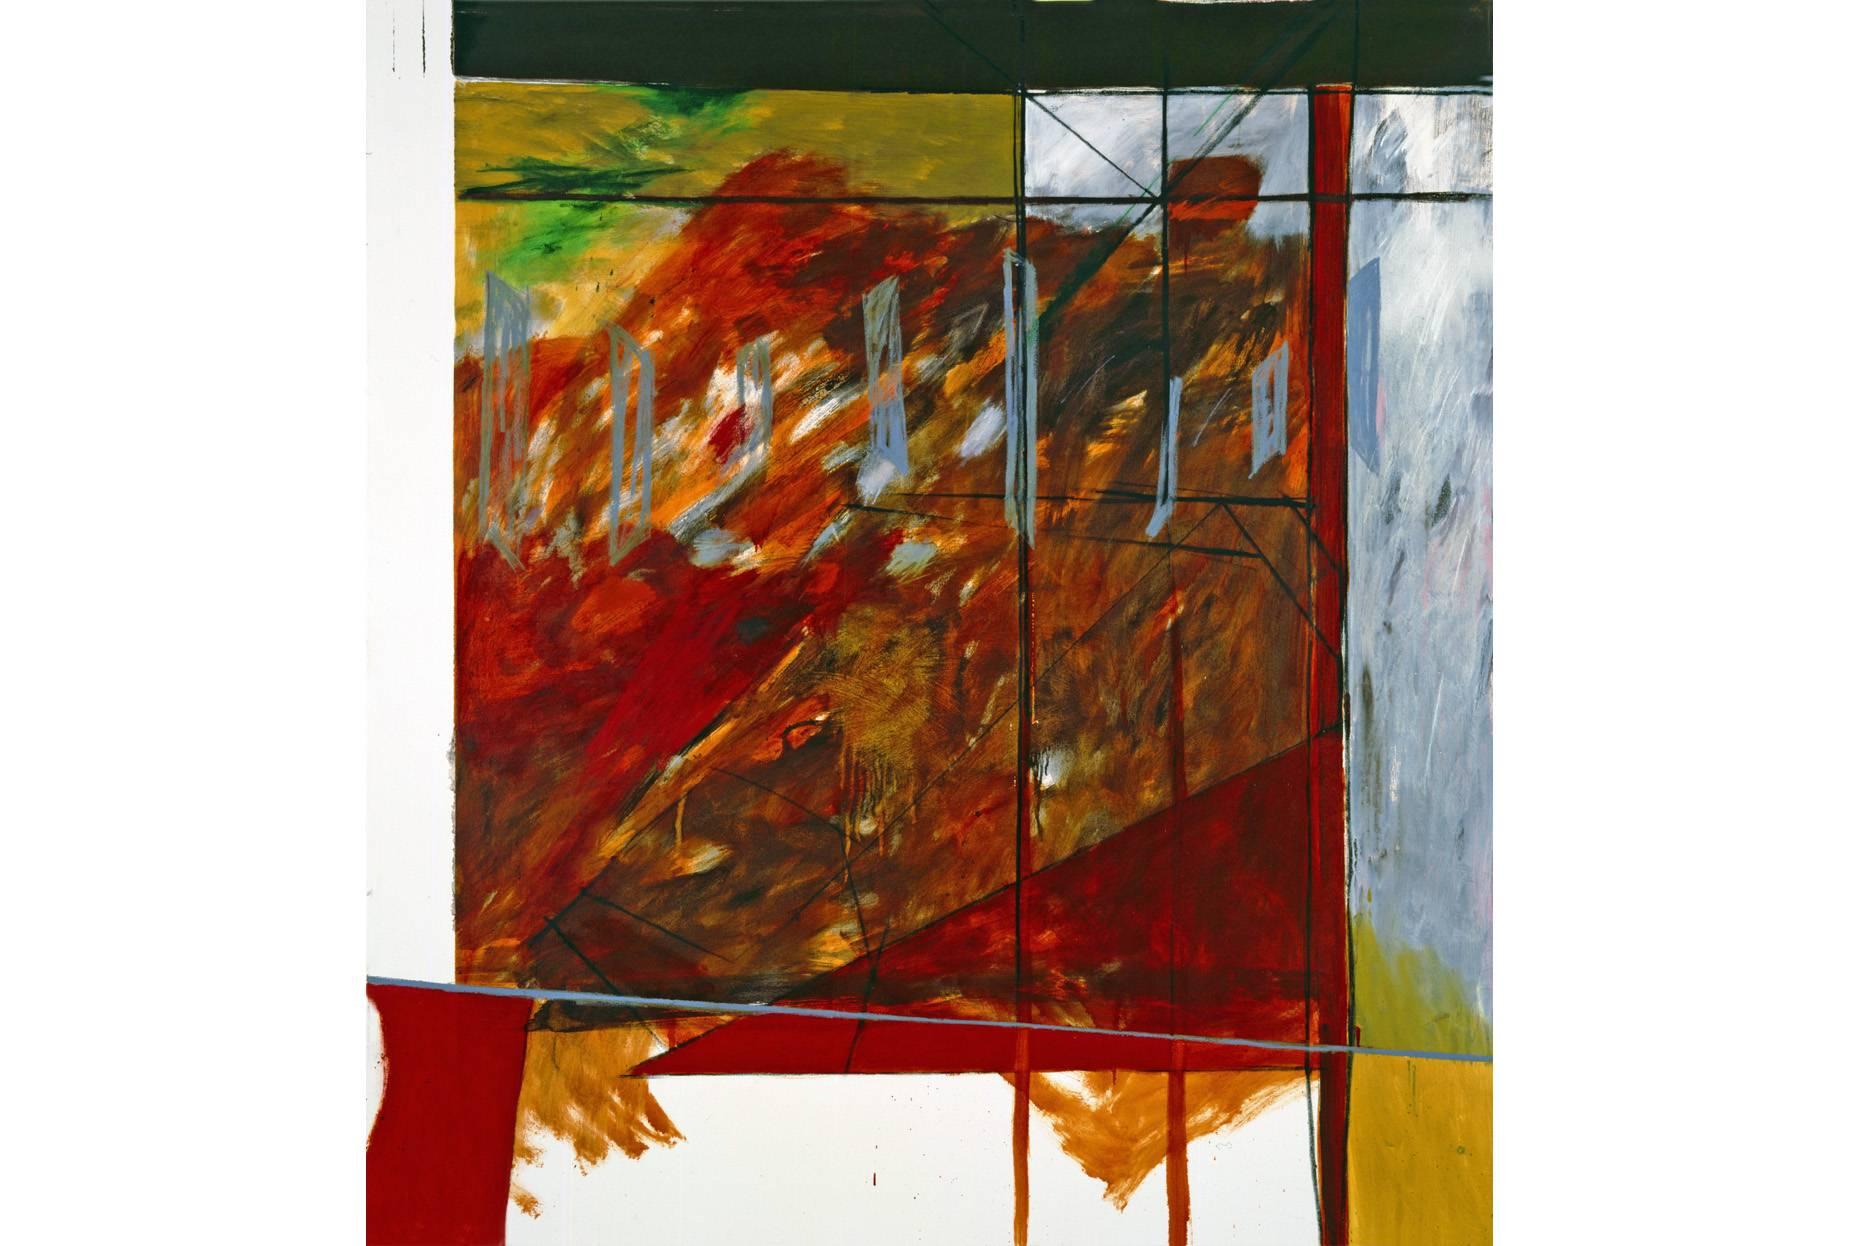 o.T. 1989 Pigment Dispersion und Ölfarbe a/Nessel 210 x 190 cm